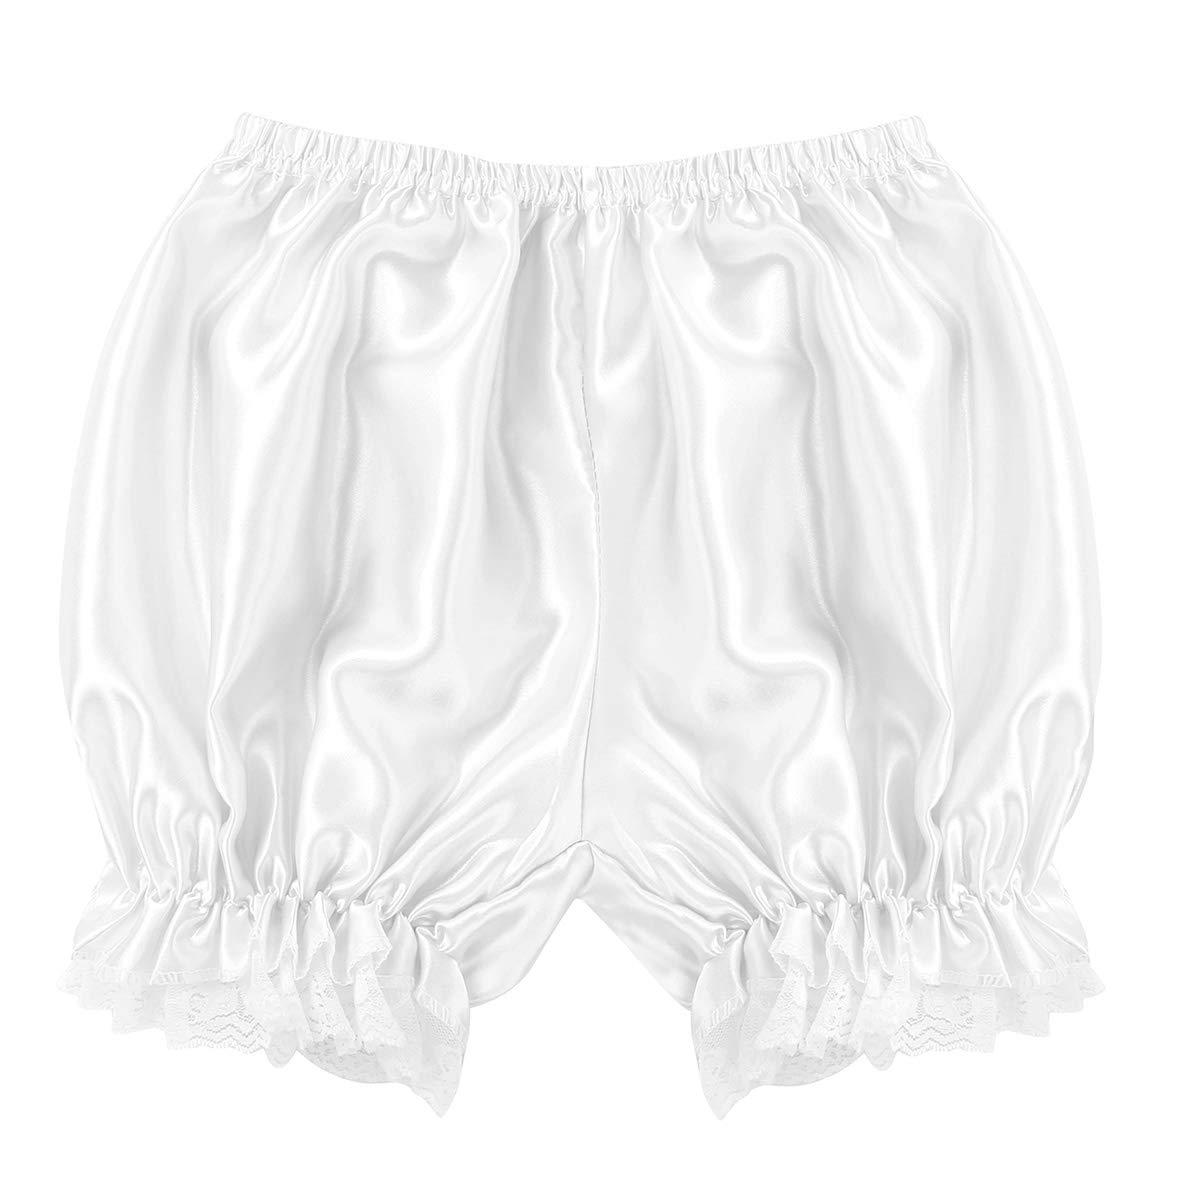 Tiaobug Damen Unterhose langes Bein Schl/üpfer Slip mit R/üschen Spitze Frauen Sicherheits Shorts Unterw/äsche Leggings Kurz Mit Spitze Yoga Hose Shorts Tanzen M-XL